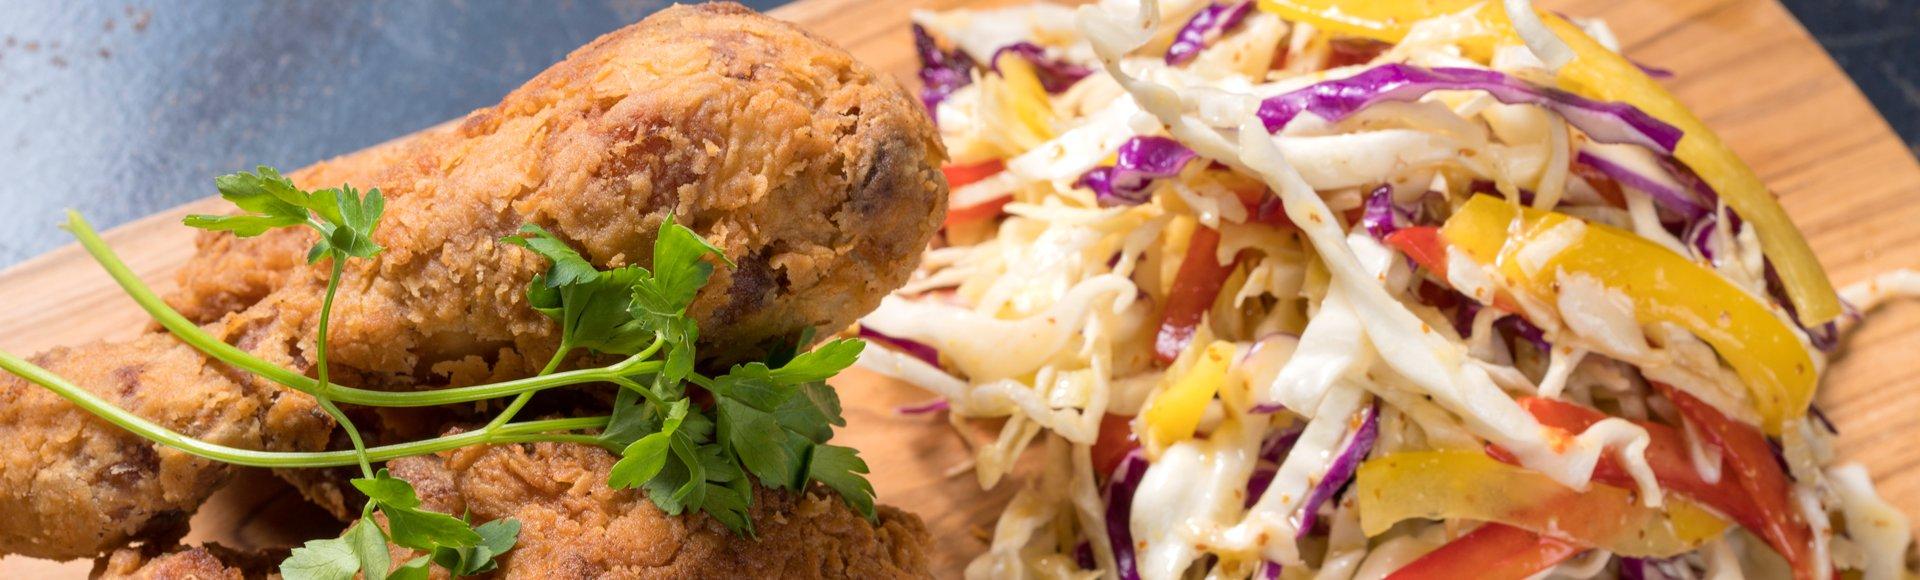 Τηγανητό κοτόπουλο με σαλάτα coleslaw